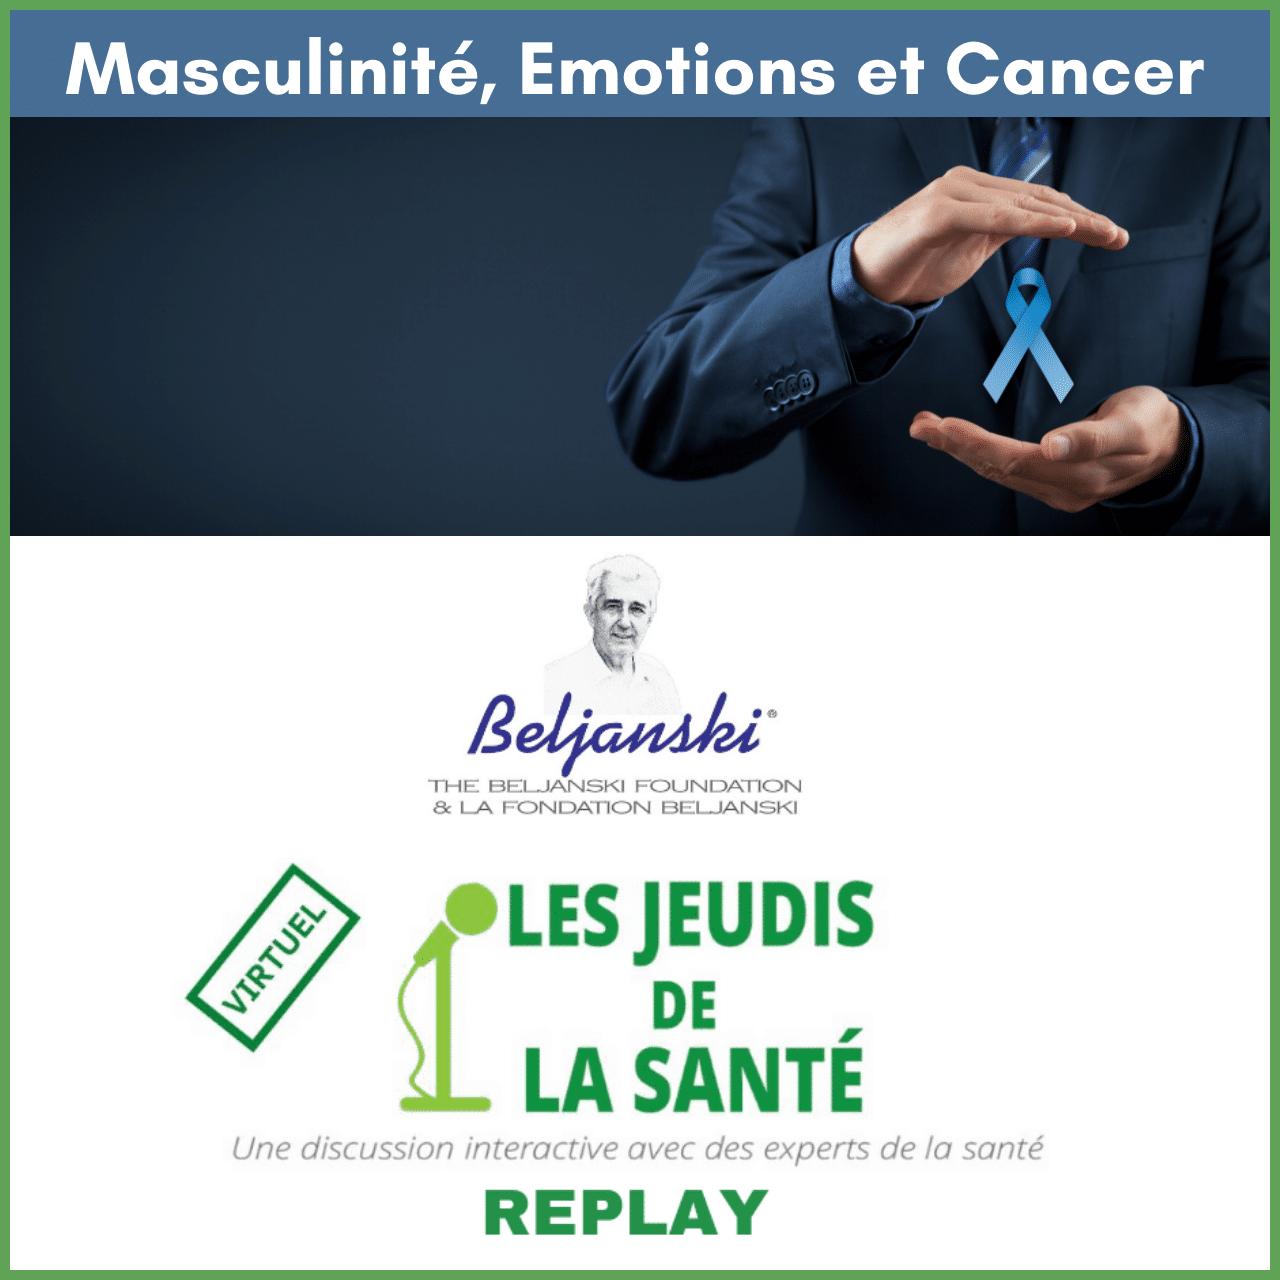 Masculinité, Emotions et Cancer